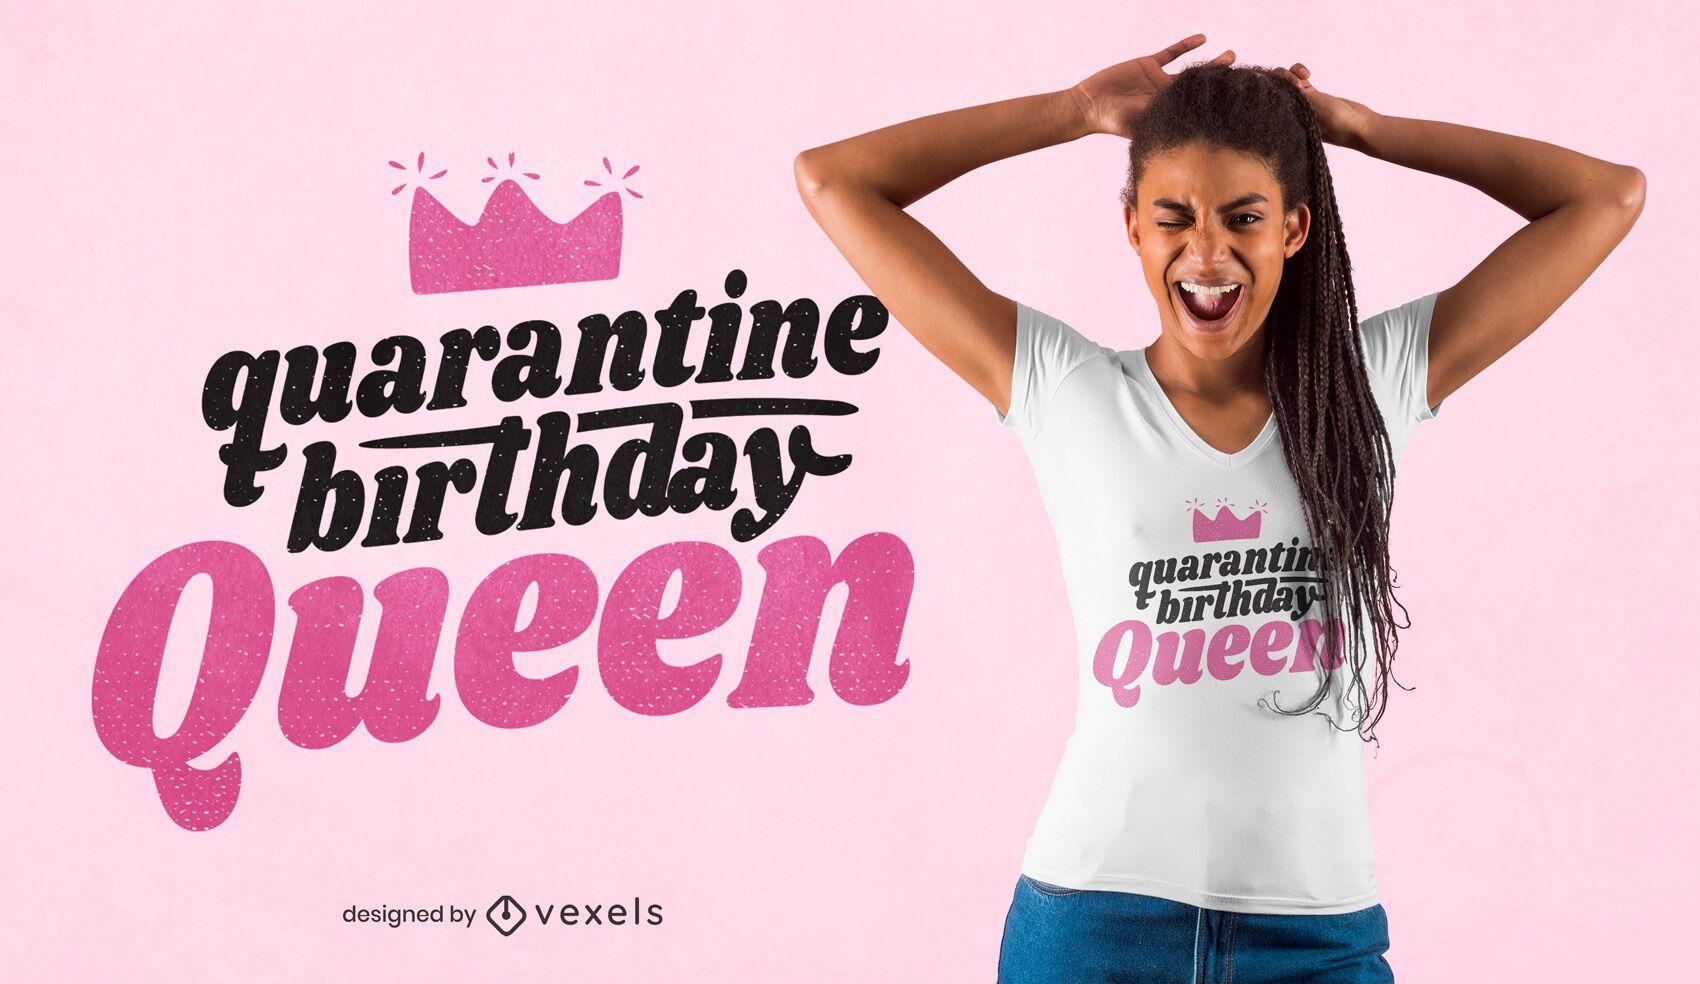 Quarantine queen t-shirt design